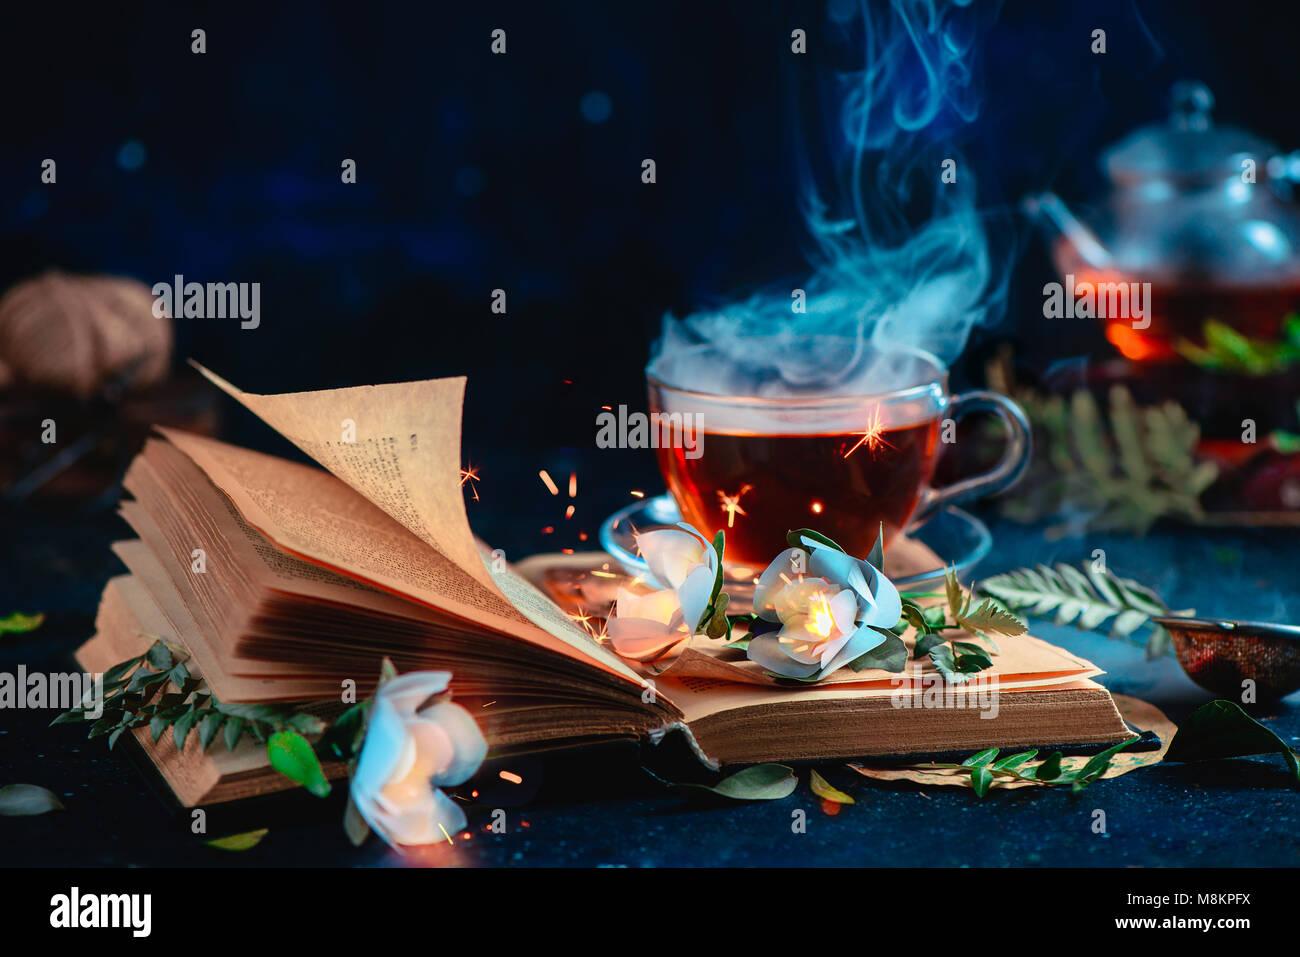 Tasse de thé fumante sur un livre ouvert avec gravure magique des fleurs. Lecture Fantasy concept. The still Photo Stock